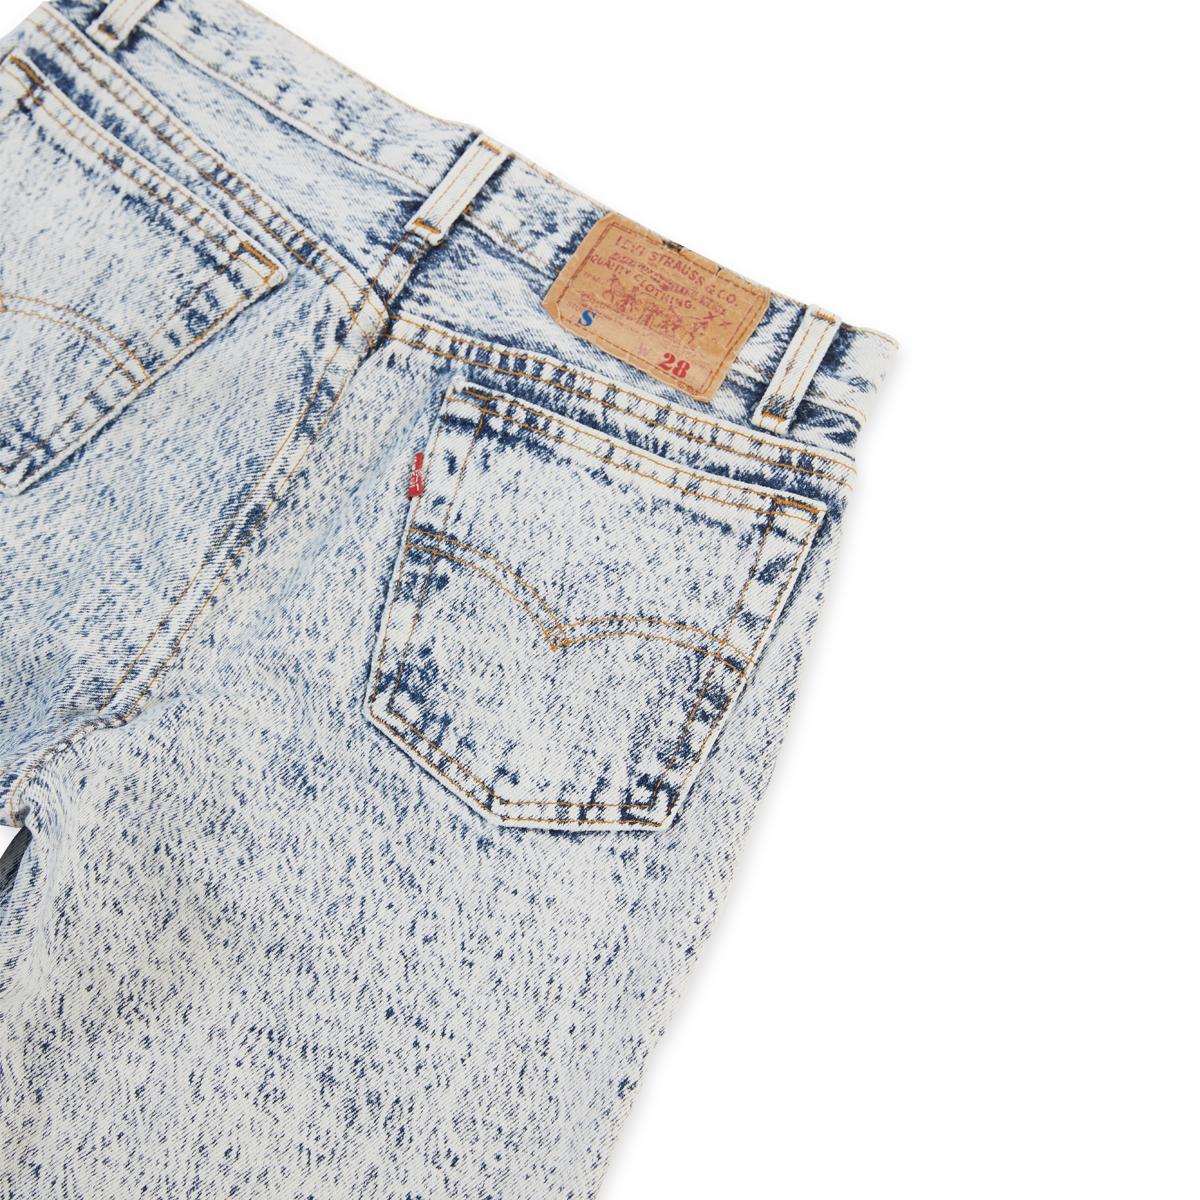 Levi's Vintage 501 Skinny - Size 28